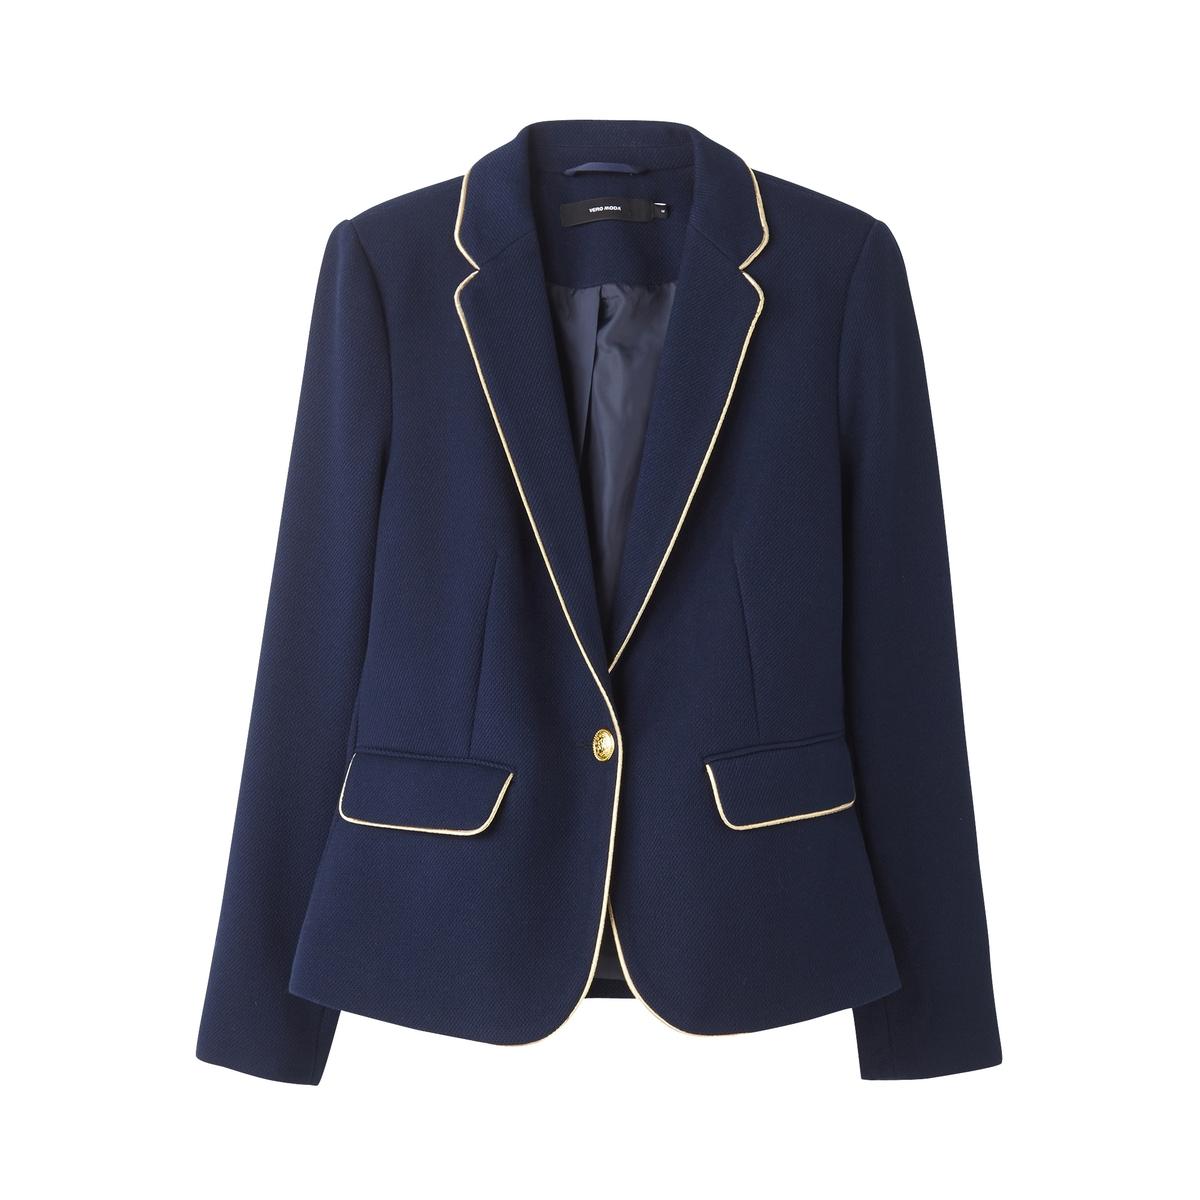 Куртка приталеннаяДетали •  Блейзер •  Приталенный покрой  •  Воротник-поло, рубашечный Состав и уход •  60% хлопка, 40% полиэстера  •  Следуйте советам по уходу, указанным на этикетке<br><br>Цвет: темно-синий<br>Размер: XS.M